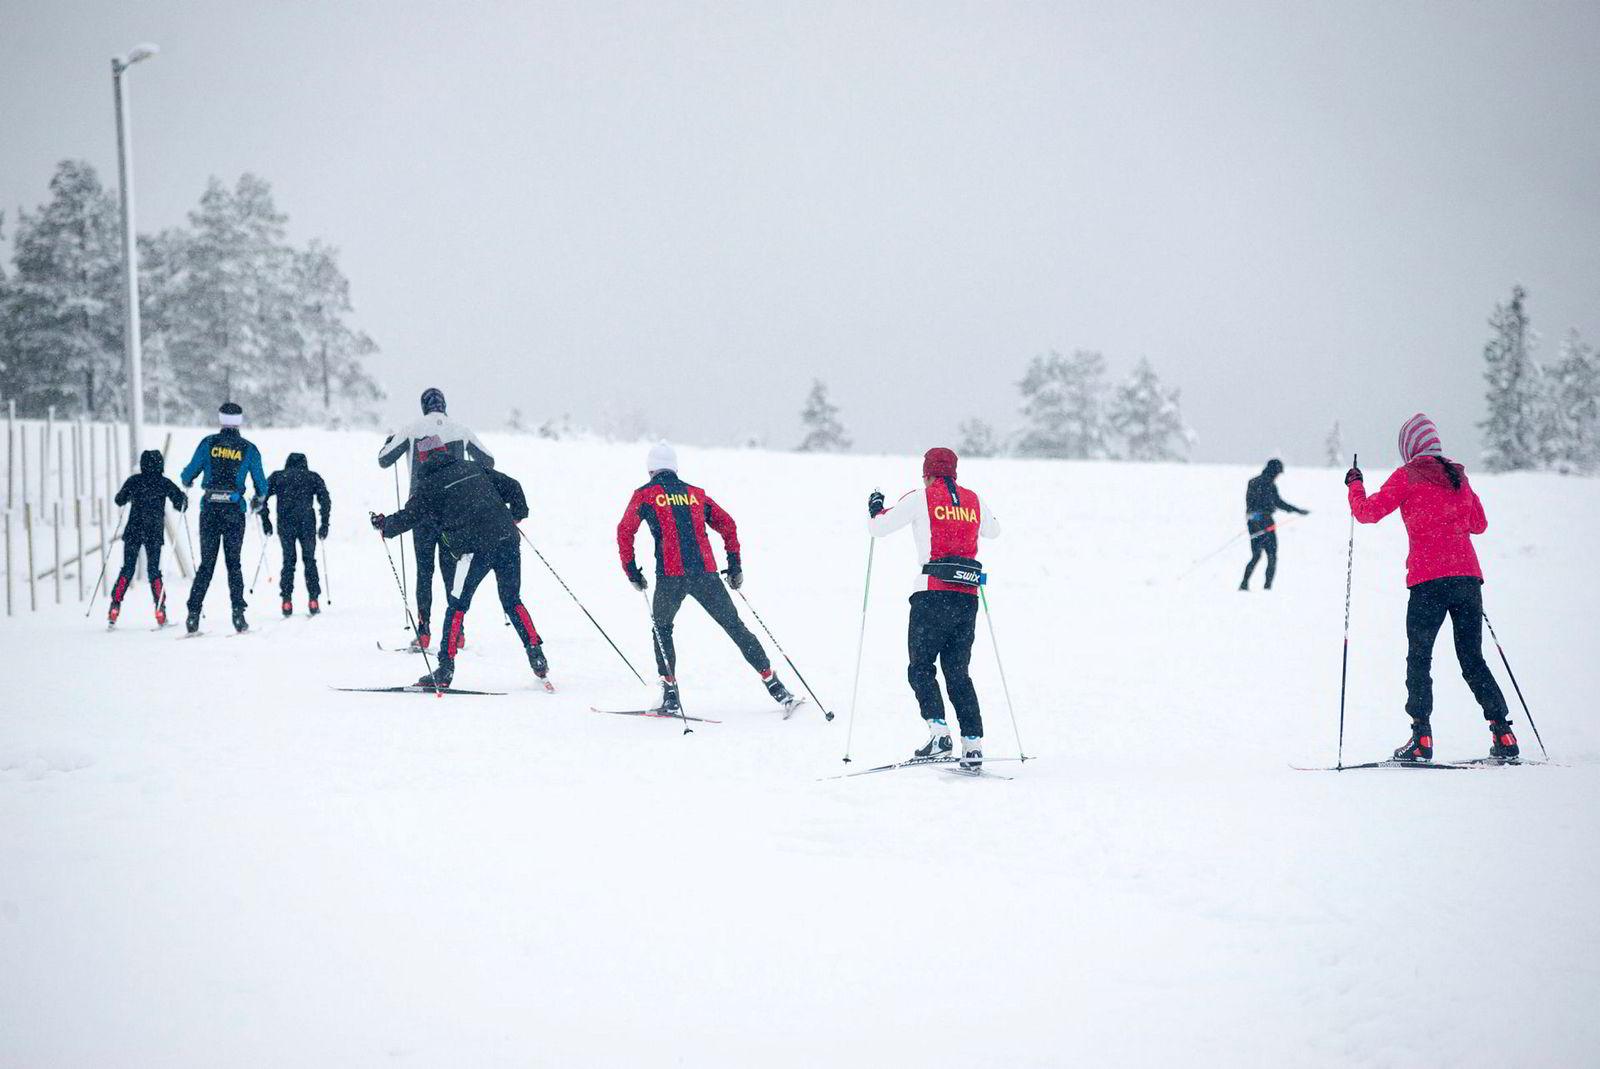 De kinesiske utøverne skøyter i sløyfe på Grova skistadion i Meråker. I halvannen time driver de rundt i en remse.